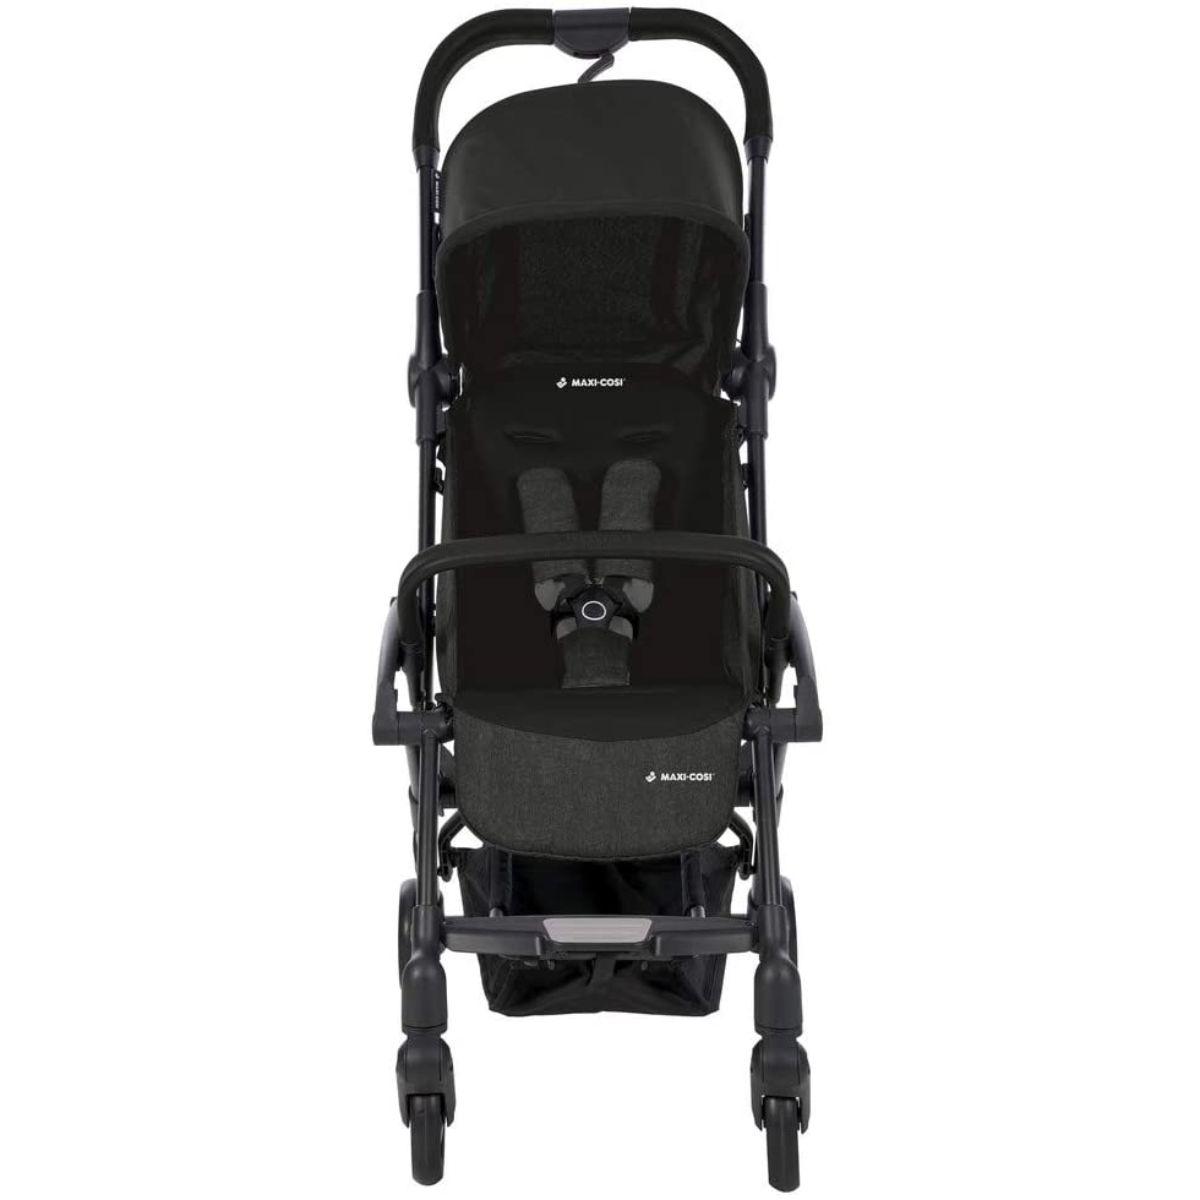 Carucior Sport Maxi-Cosi Laika2 Nomad, Black